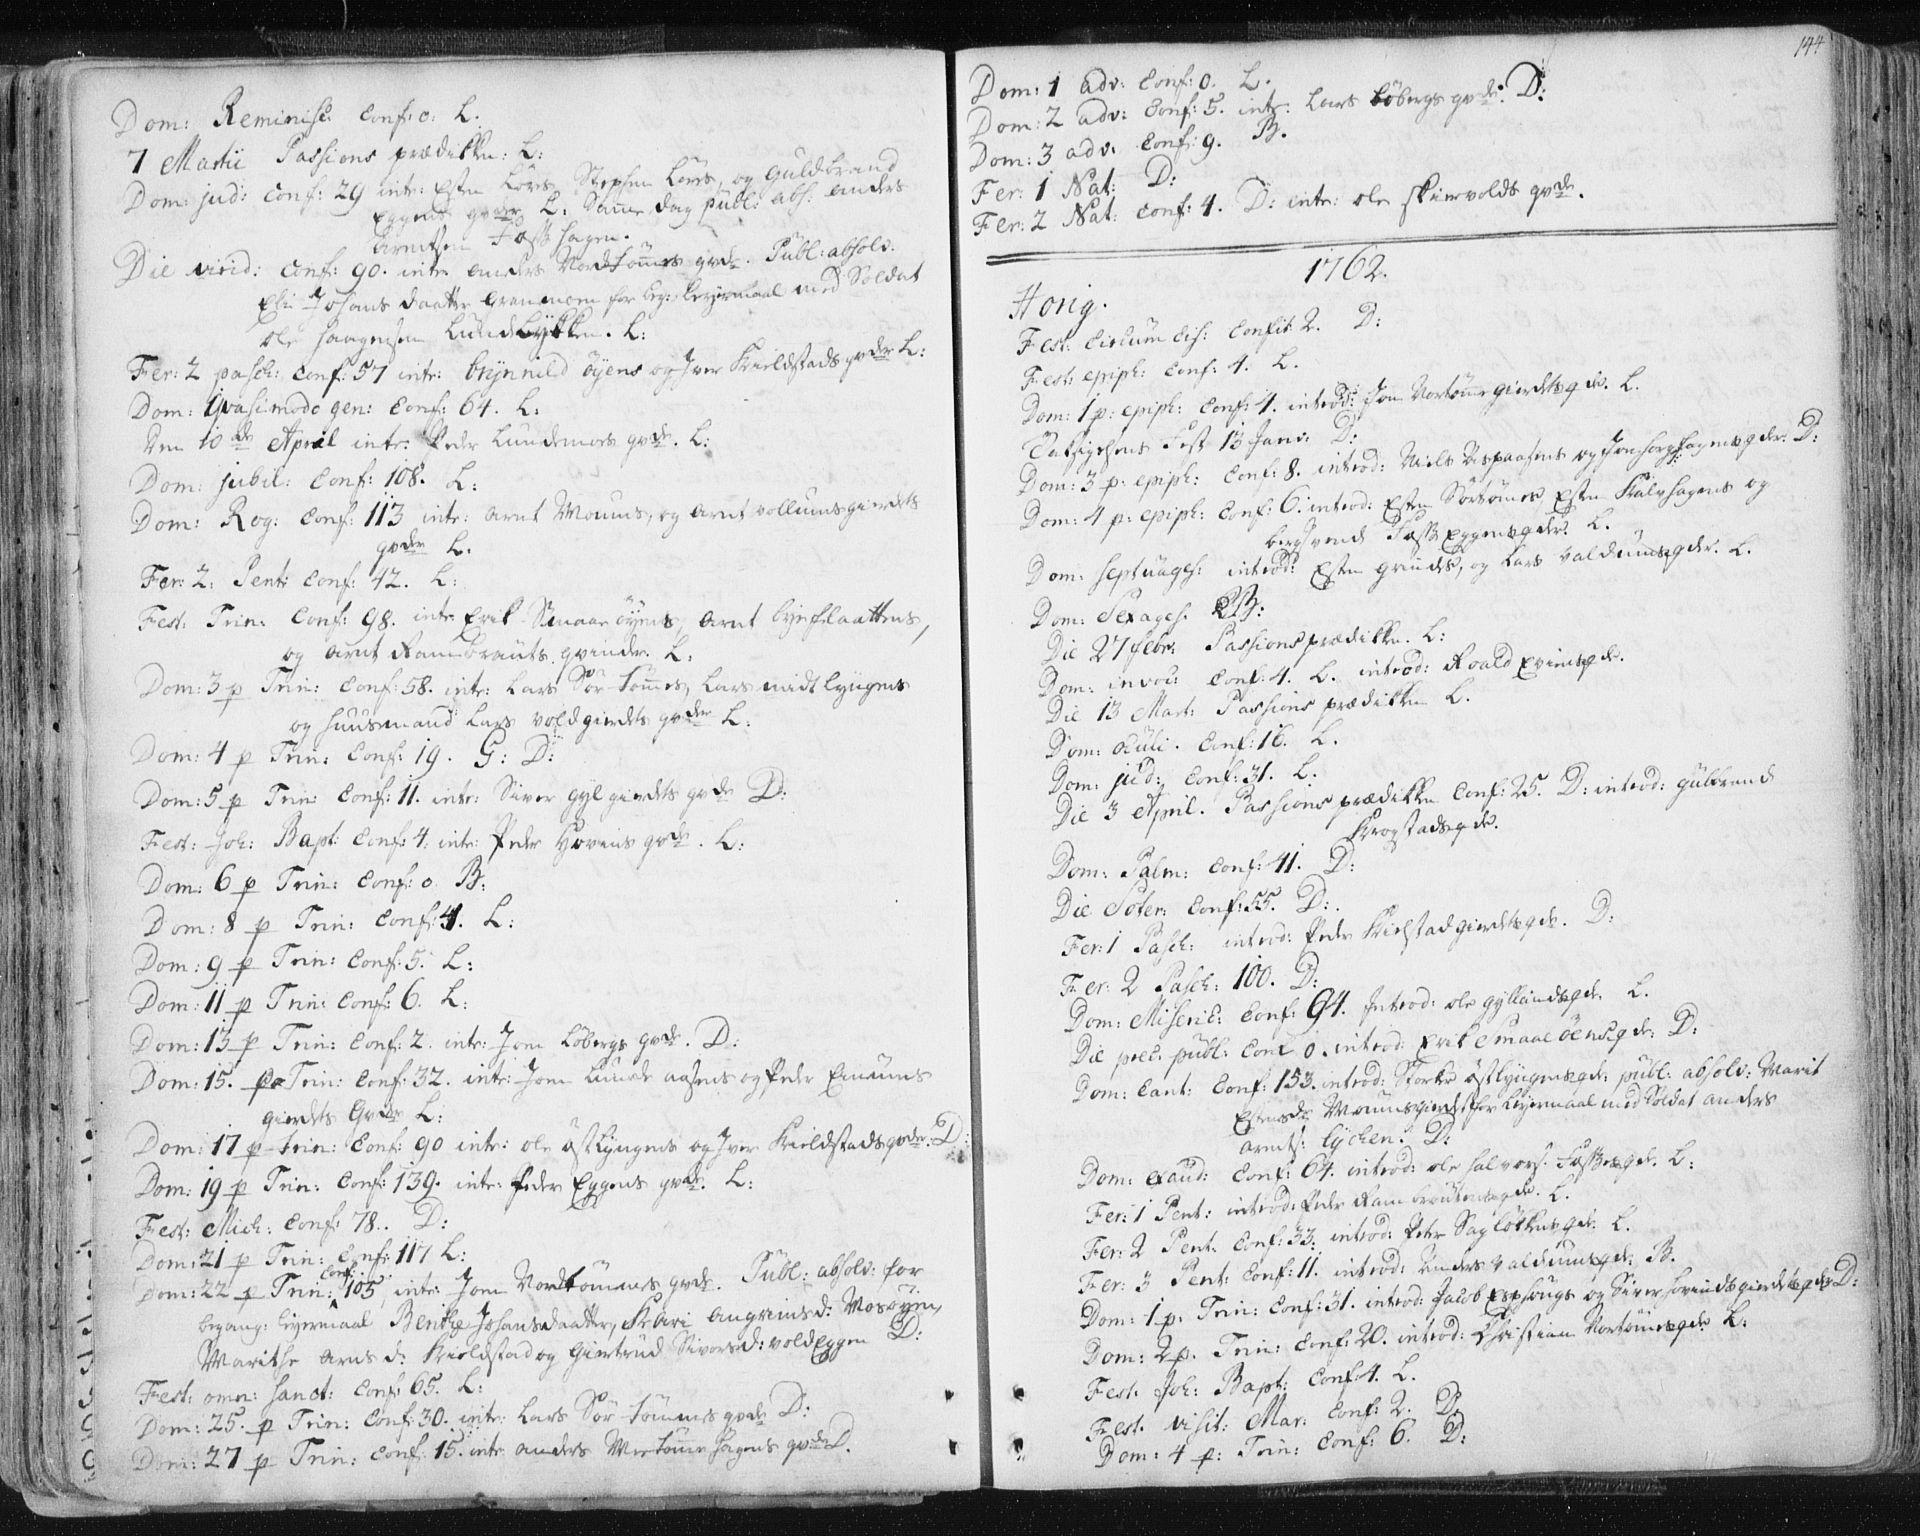 SAT, Ministerialprotokoller, klokkerbøker og fødselsregistre - Sør-Trøndelag, 687/L0991: Ministerialbok nr. 687A02, 1747-1790, s. 144